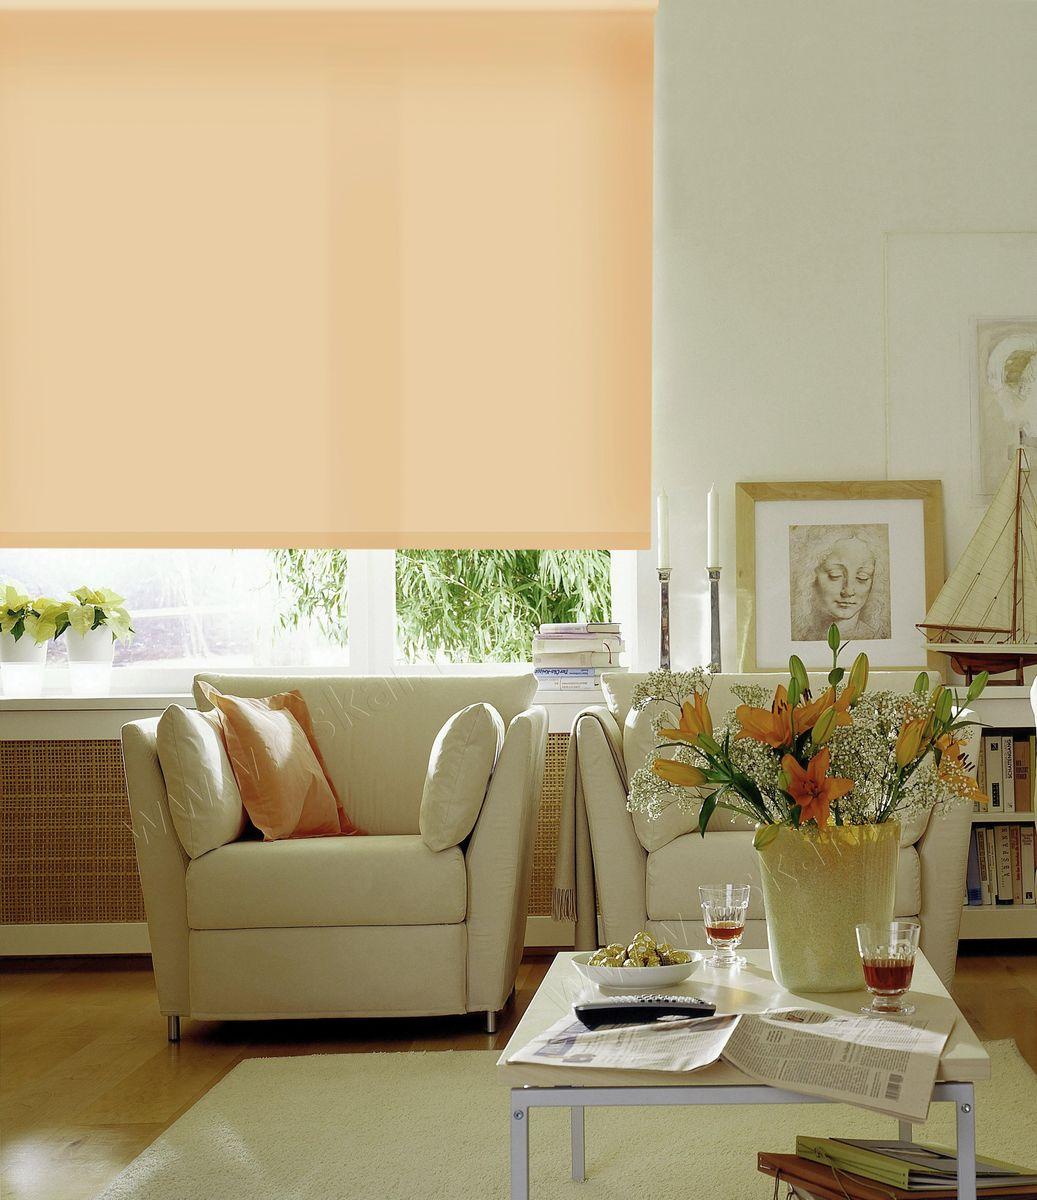 Штора рулонная Эскар, цвет: светло-абрикосовый, ширина 140 см, высота 170 см81112140170Рулонными шторами можно оформлять окна как самостоятельно, так и использовать в комбинации с портьерами. Это поможет предотвратить выгорание дорогой ткани на солнце и соединит функционал рулонных с красотой навесных. Преимущества применения рулонных штор для пластиковых окон: - имеют прекрасный внешний вид: многообразие и фактурность материала изделия отлично смотрятся в любом интерьере; - многофункциональны: есть возможность подобрать шторы способные эффективно защитить комнату от солнца, при этом она не будет слишком темной. - Есть возможность осуществить быстрый монтаж. ВНИМАНИЕ! Размеры ширины изделия указаны по ширине ткани! Во время эксплуатации не рекомендуется полностью разматывать рулон, чтобы не оторвать ткань от намоточного вала. В случае загрязнения поверхности ткани, чистку шторы проводят одним из способов, в зависимости от типа загрязнения: легкое поверхностное загрязнение можно удалить при помощи канцелярского ластика; чистка от пыли производится сухим методом при...